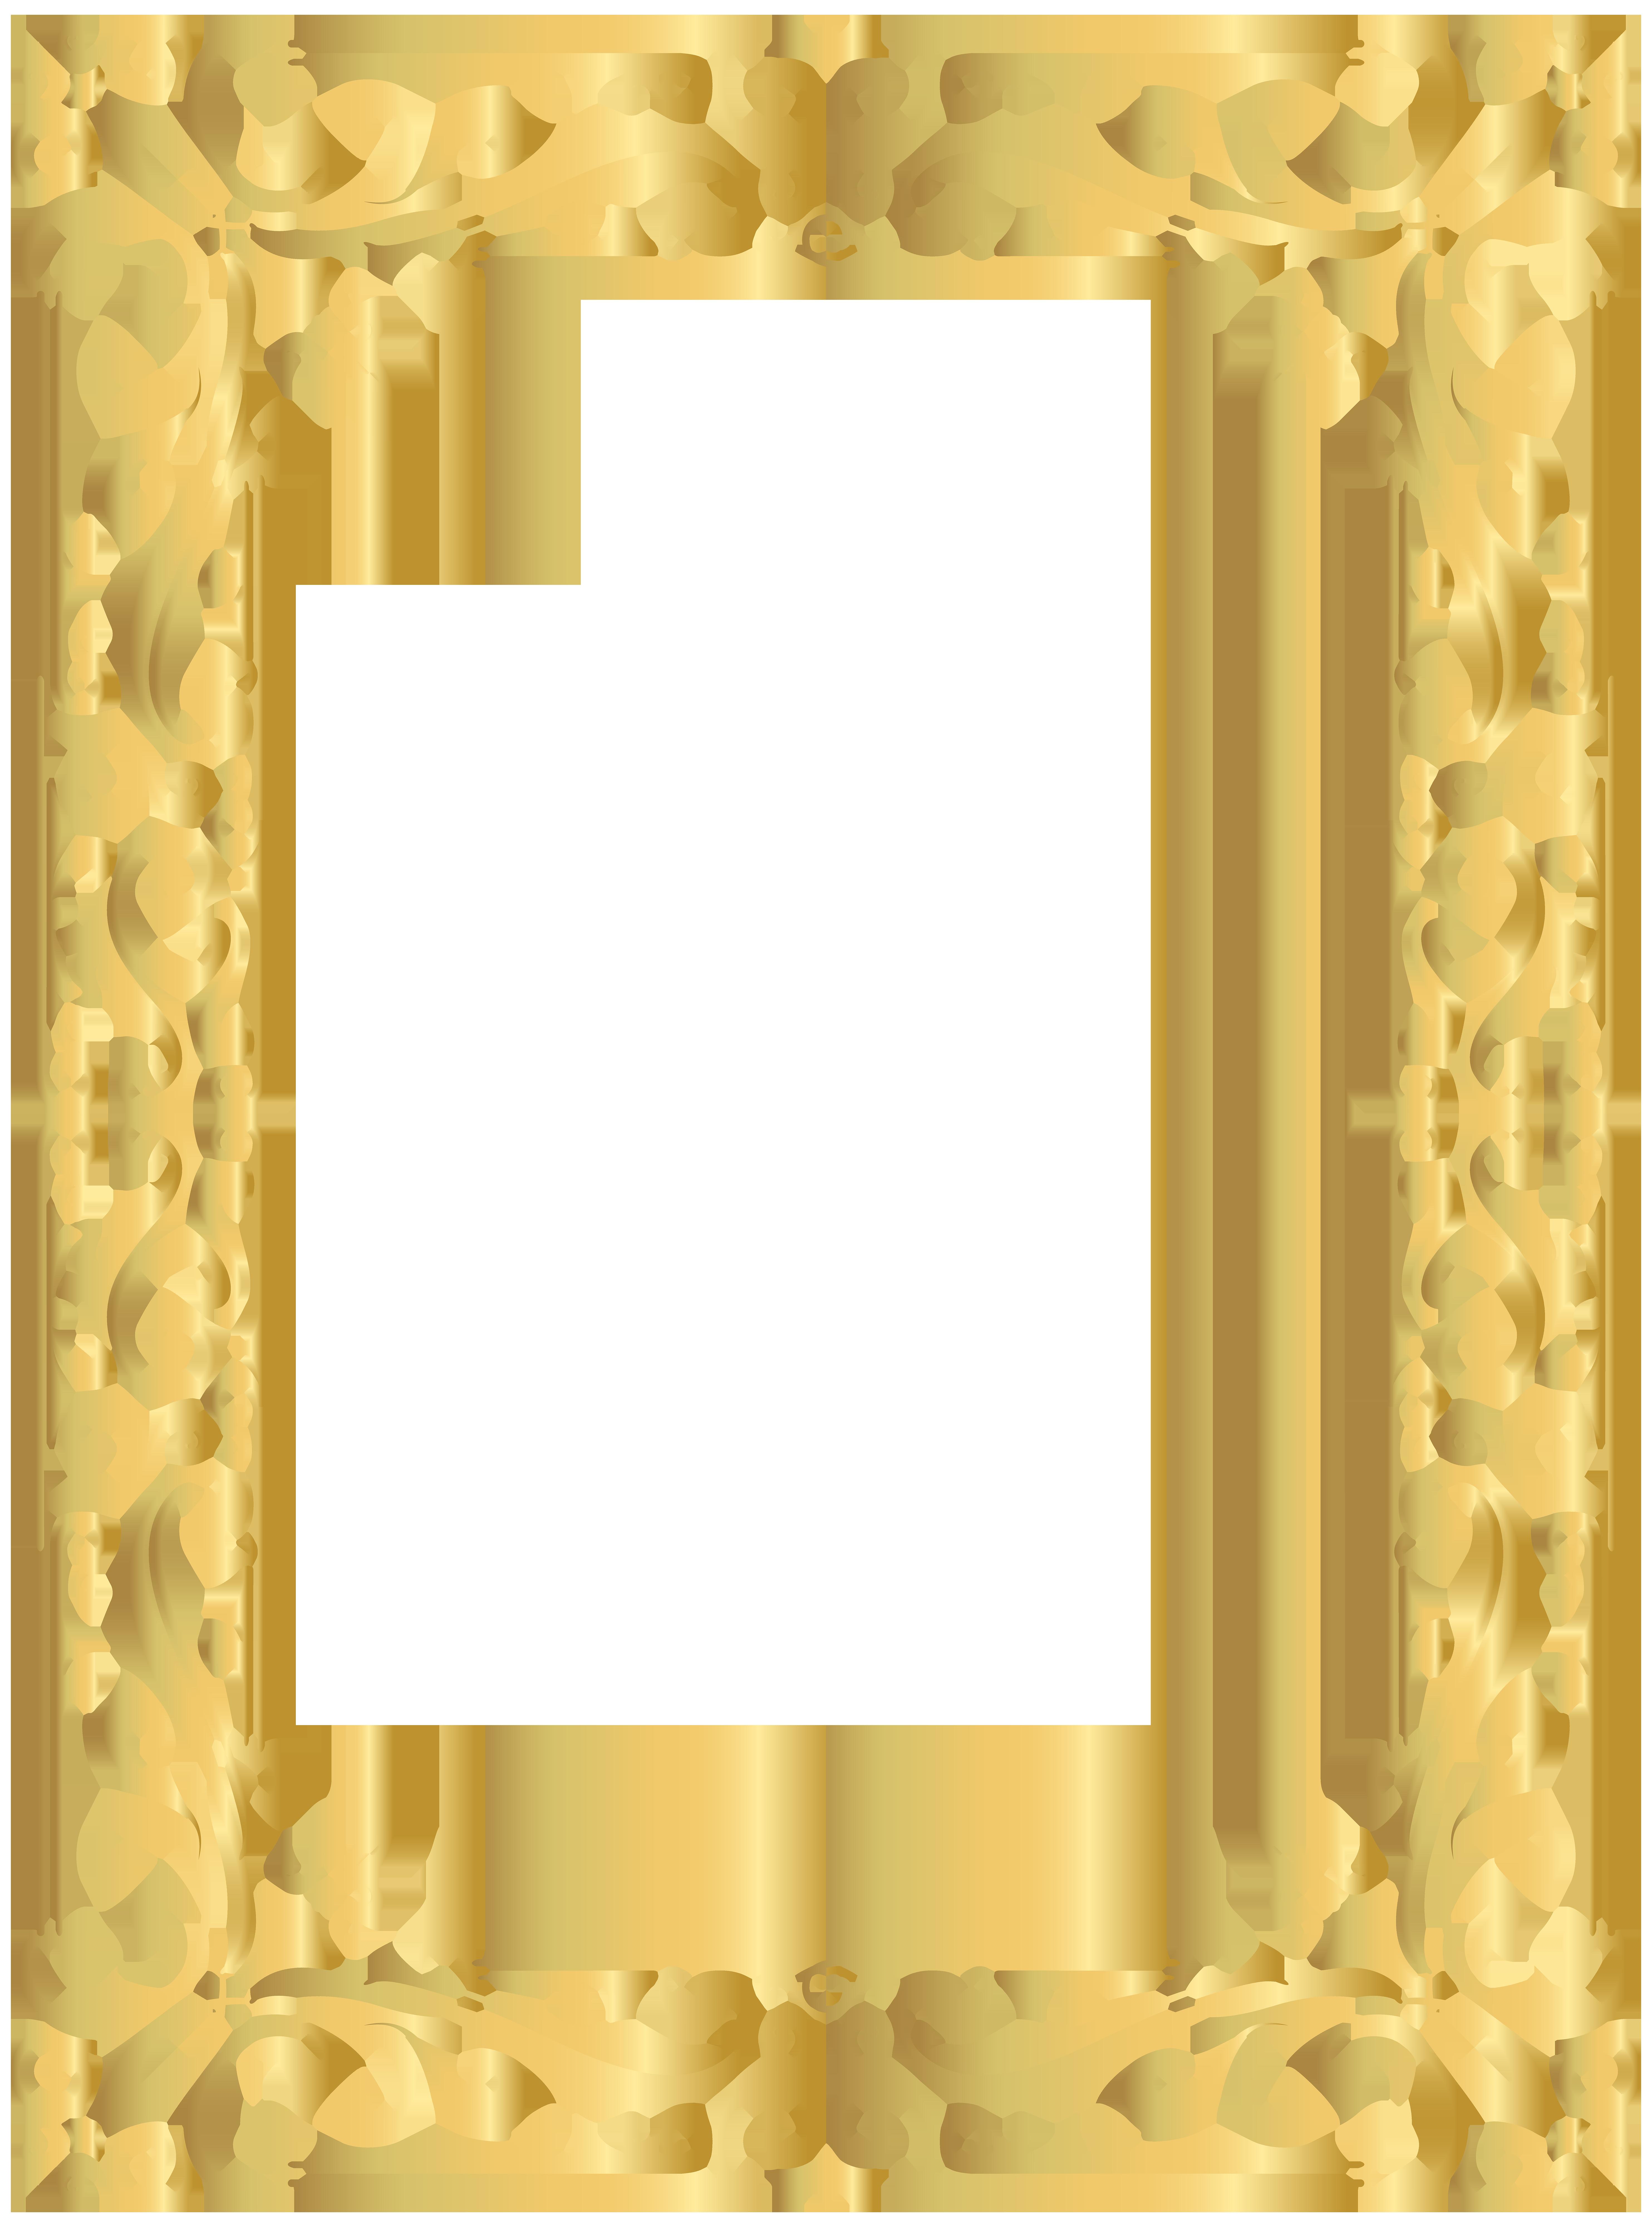 Border Frame Gold PNG Clipart Image.